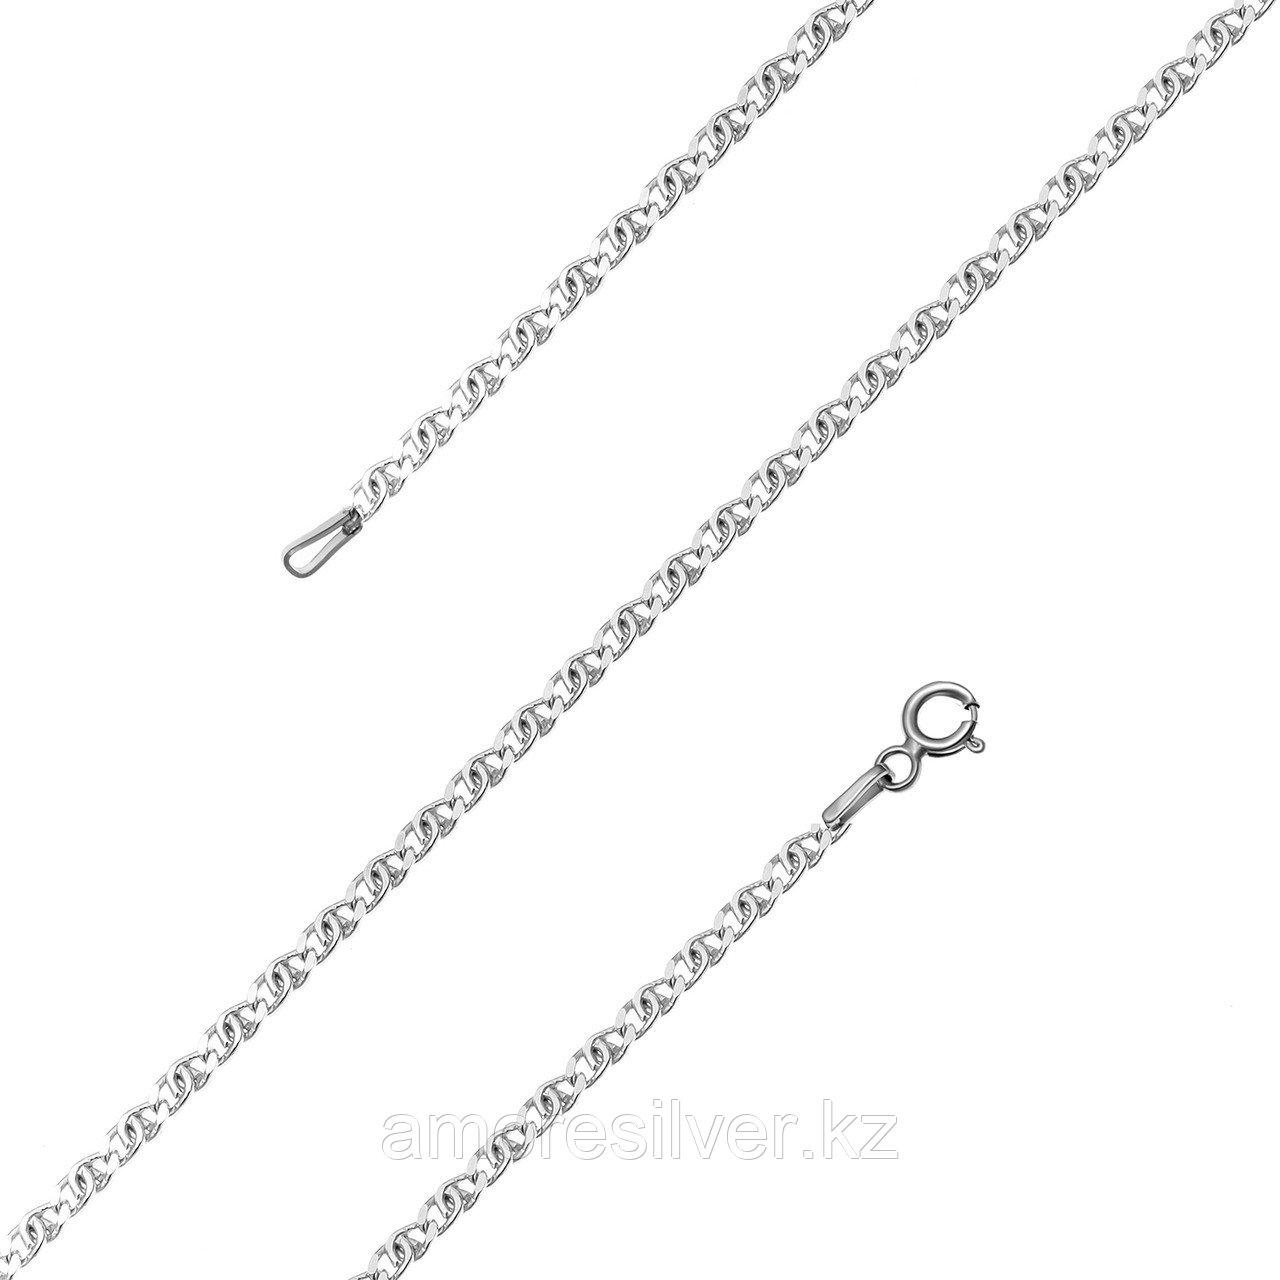 Серебряная цепь  Адамант Ср925Р-106004055